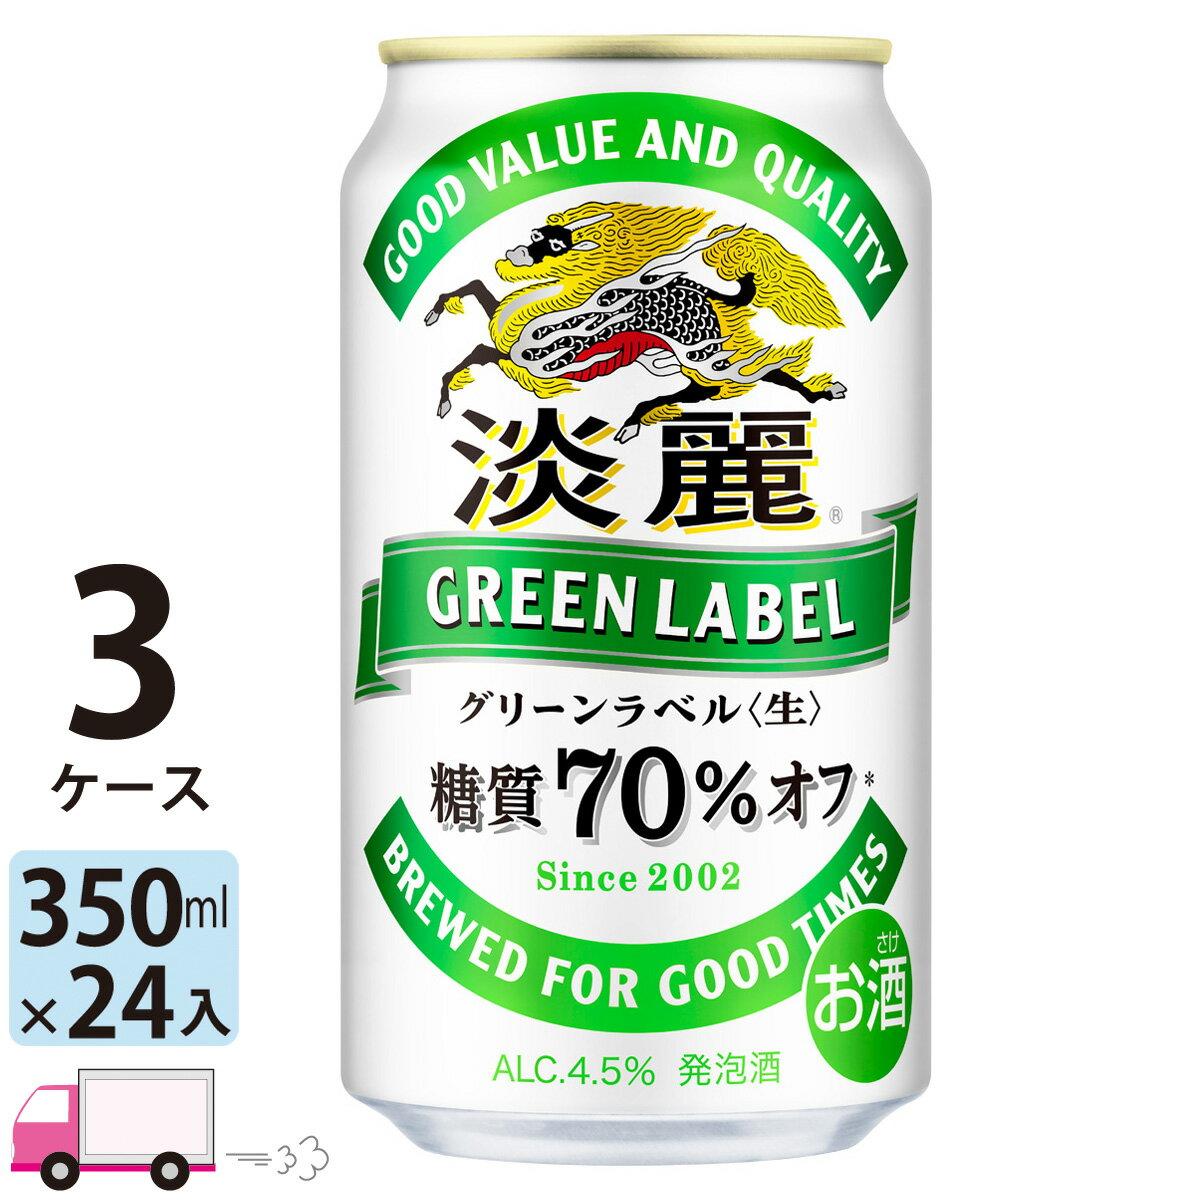 キリン ビール 淡麗 グリーンラベル 350ml ×24缶入 3ケース (72本)